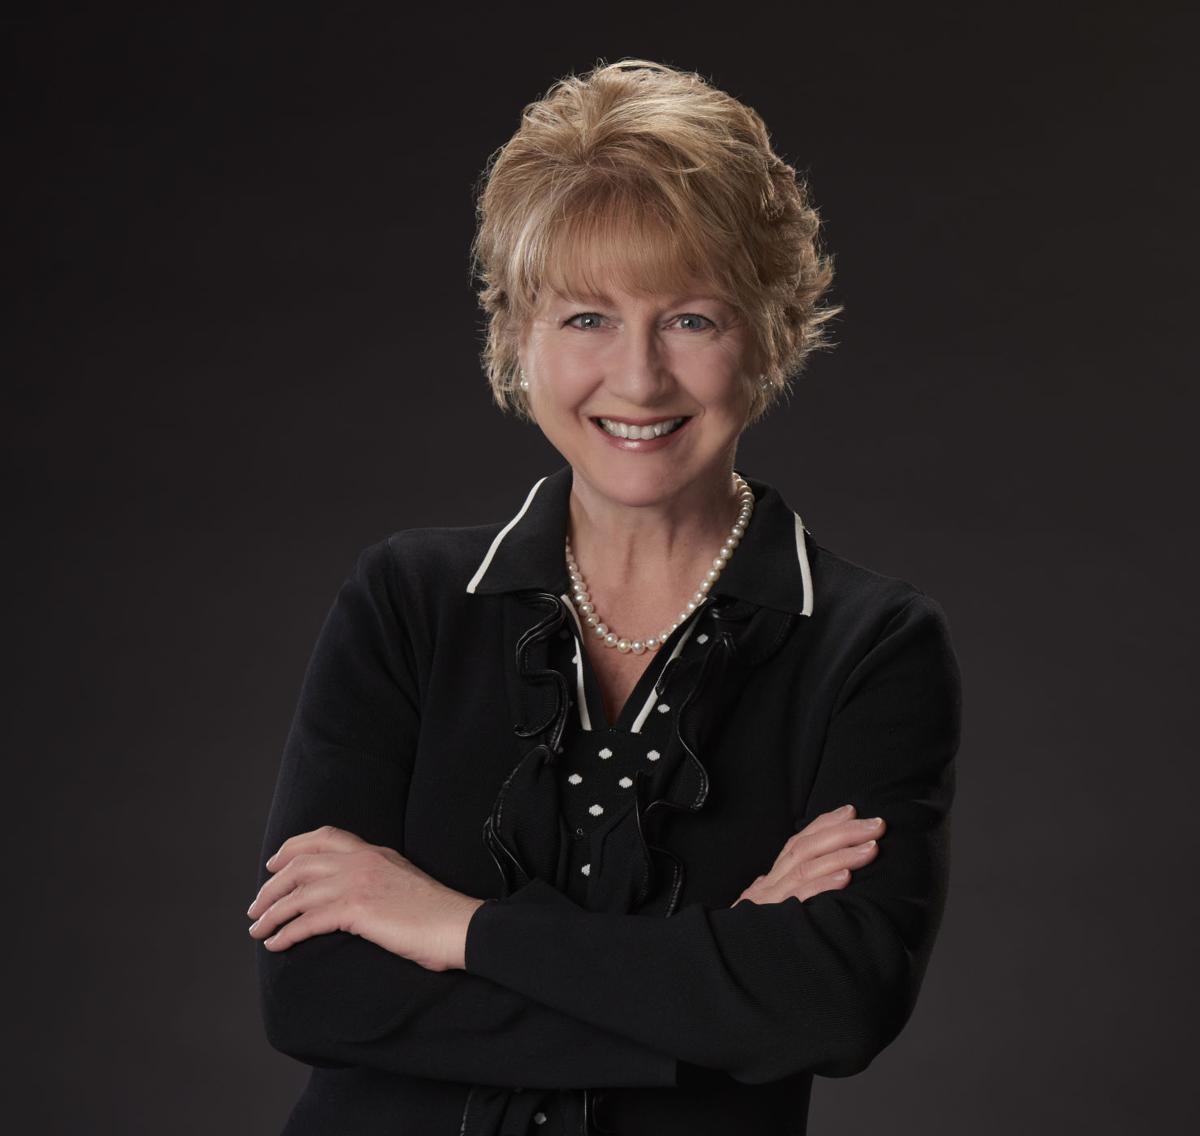 Lisa Bachman